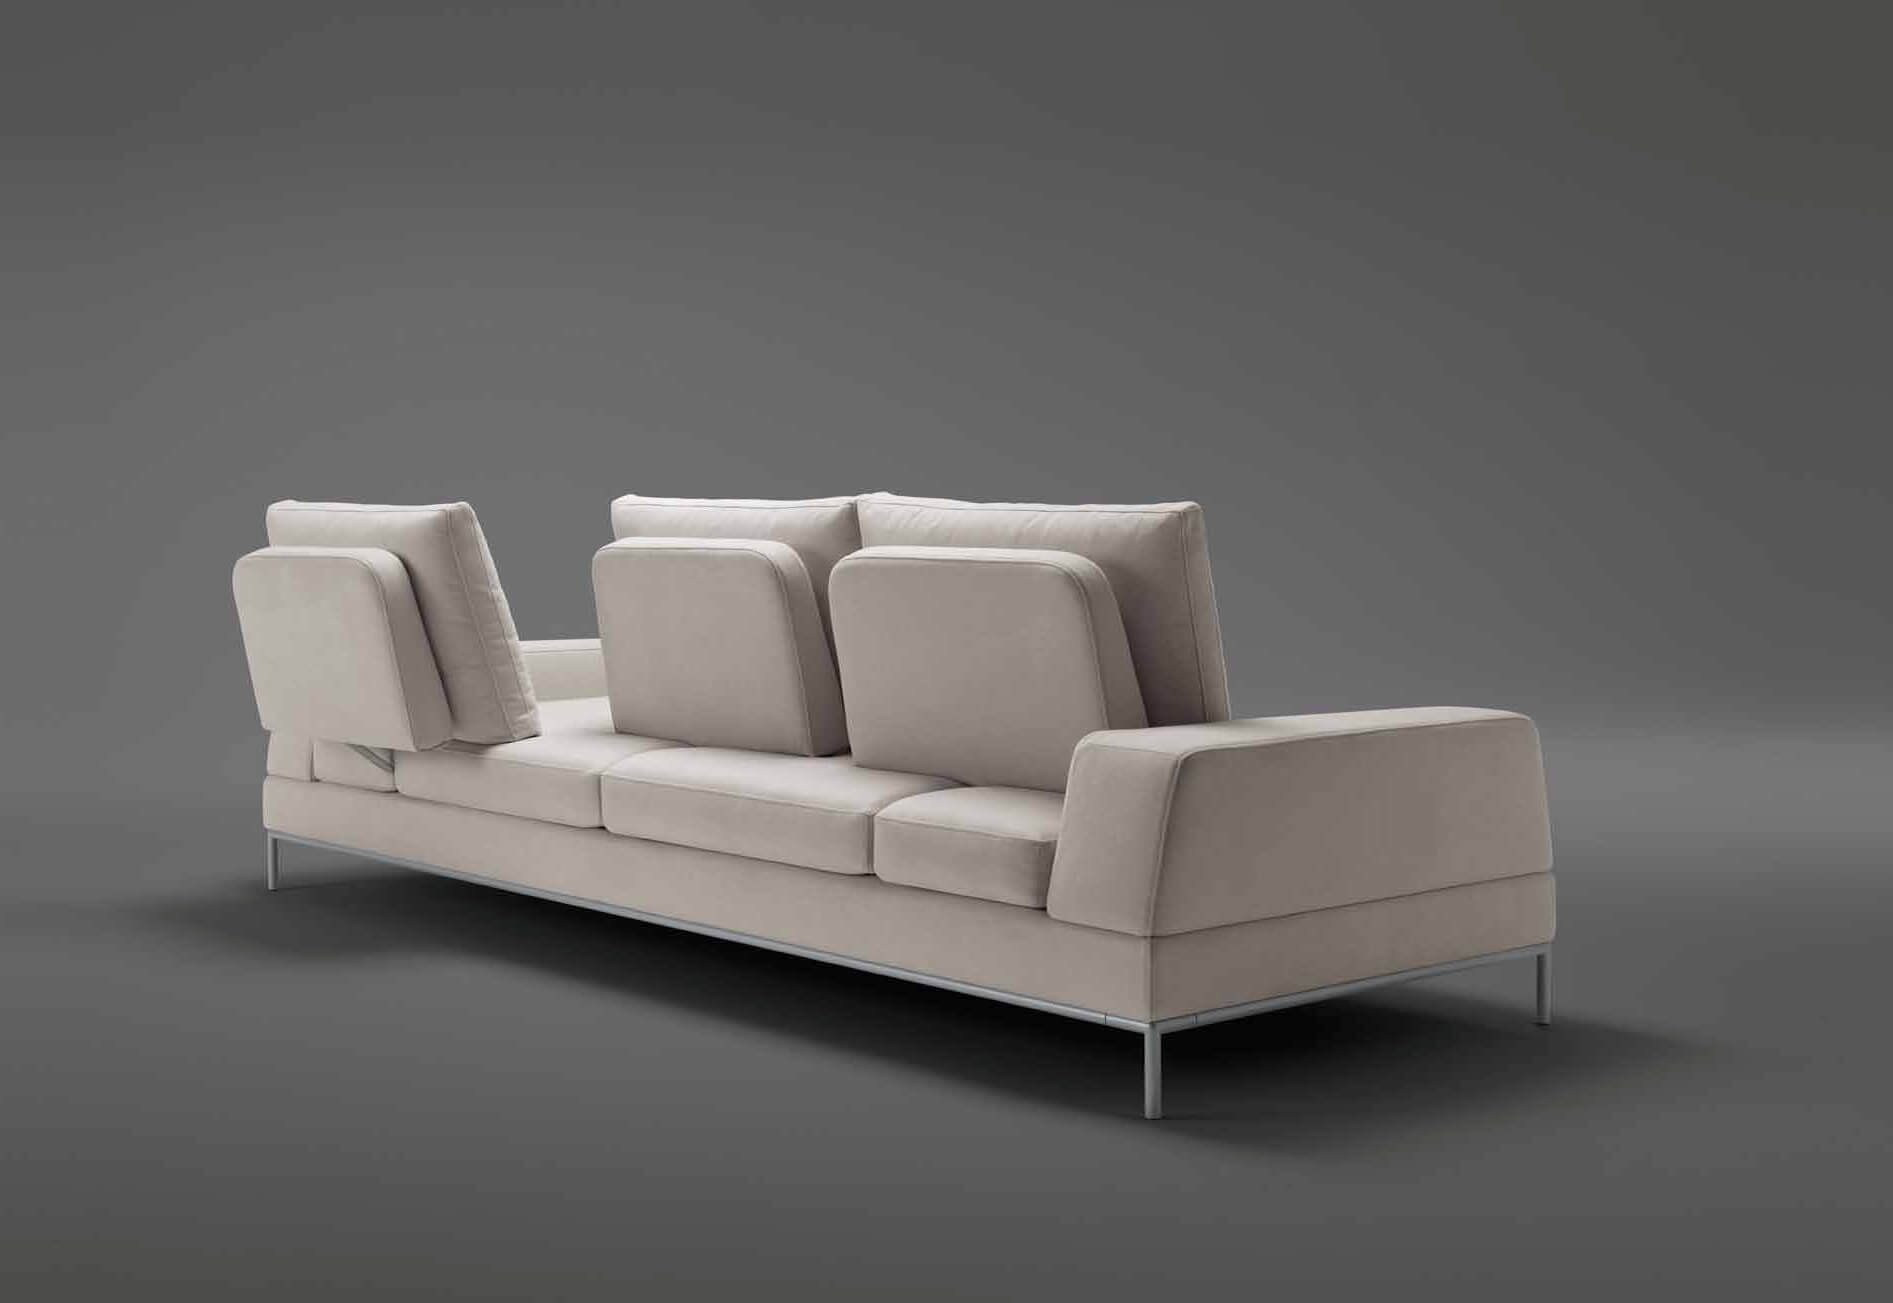 Mobile dietro divano il miglior design di ispirazione e - Il miglior divano letto ...